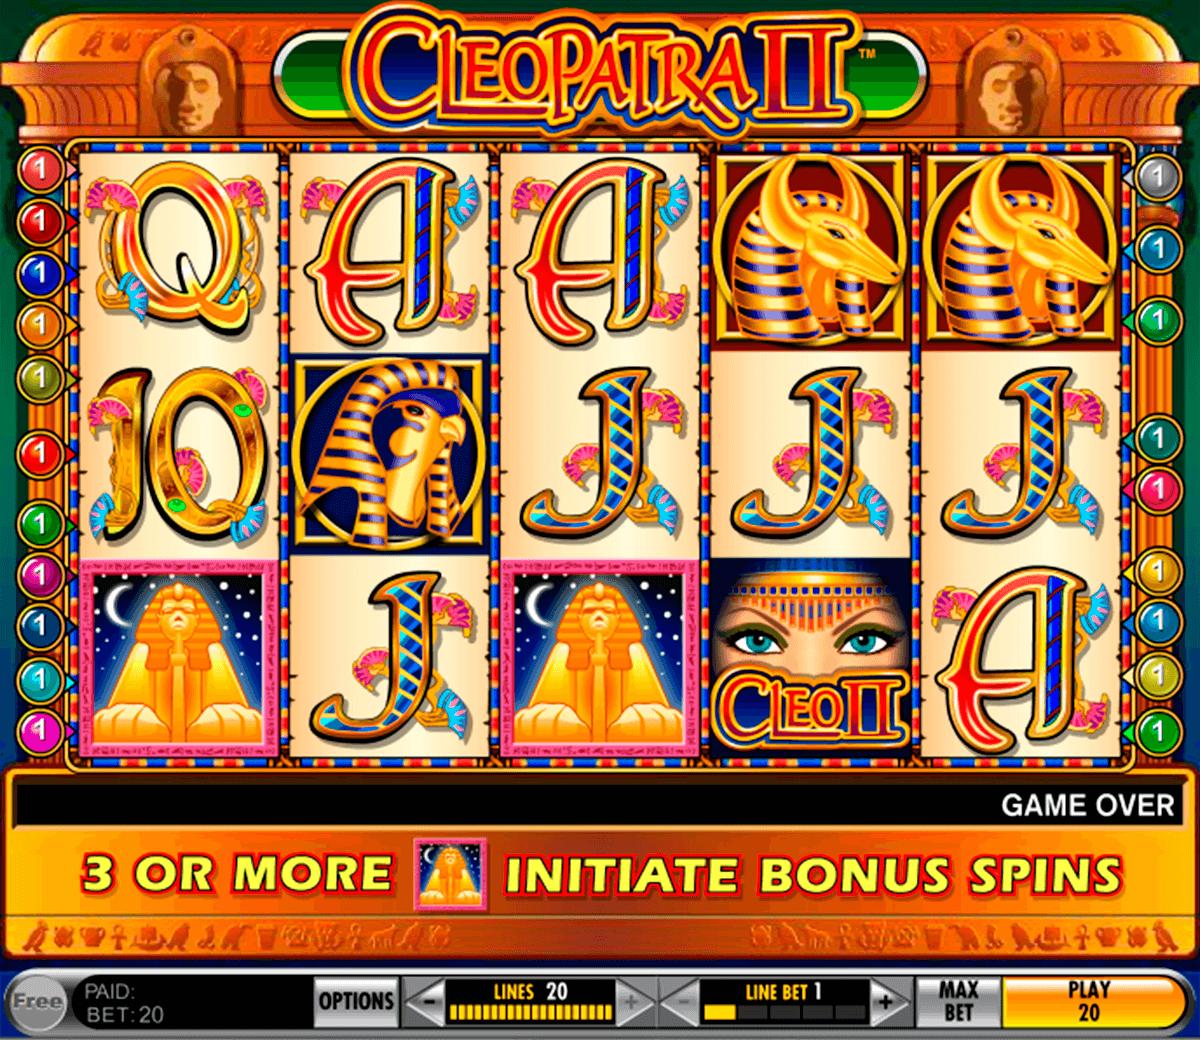 Juegos de casino con bonos gratis slots de mesa-330423